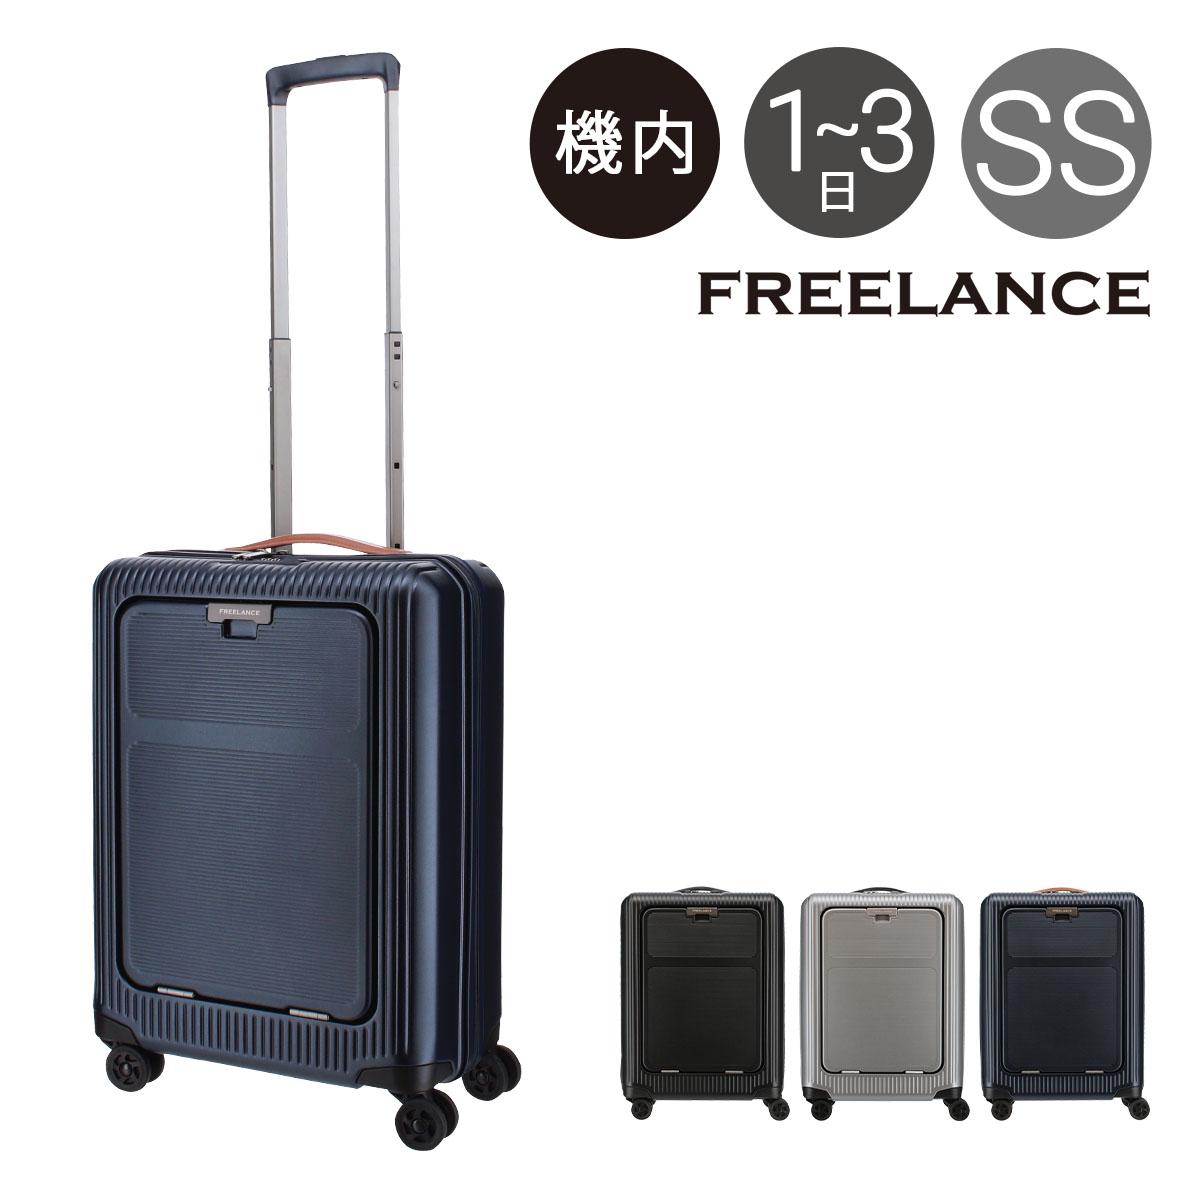 フリーランス スーツケース flt-012 FREELANCE キャリーケース ビジネスキャリー[PO5][bef]